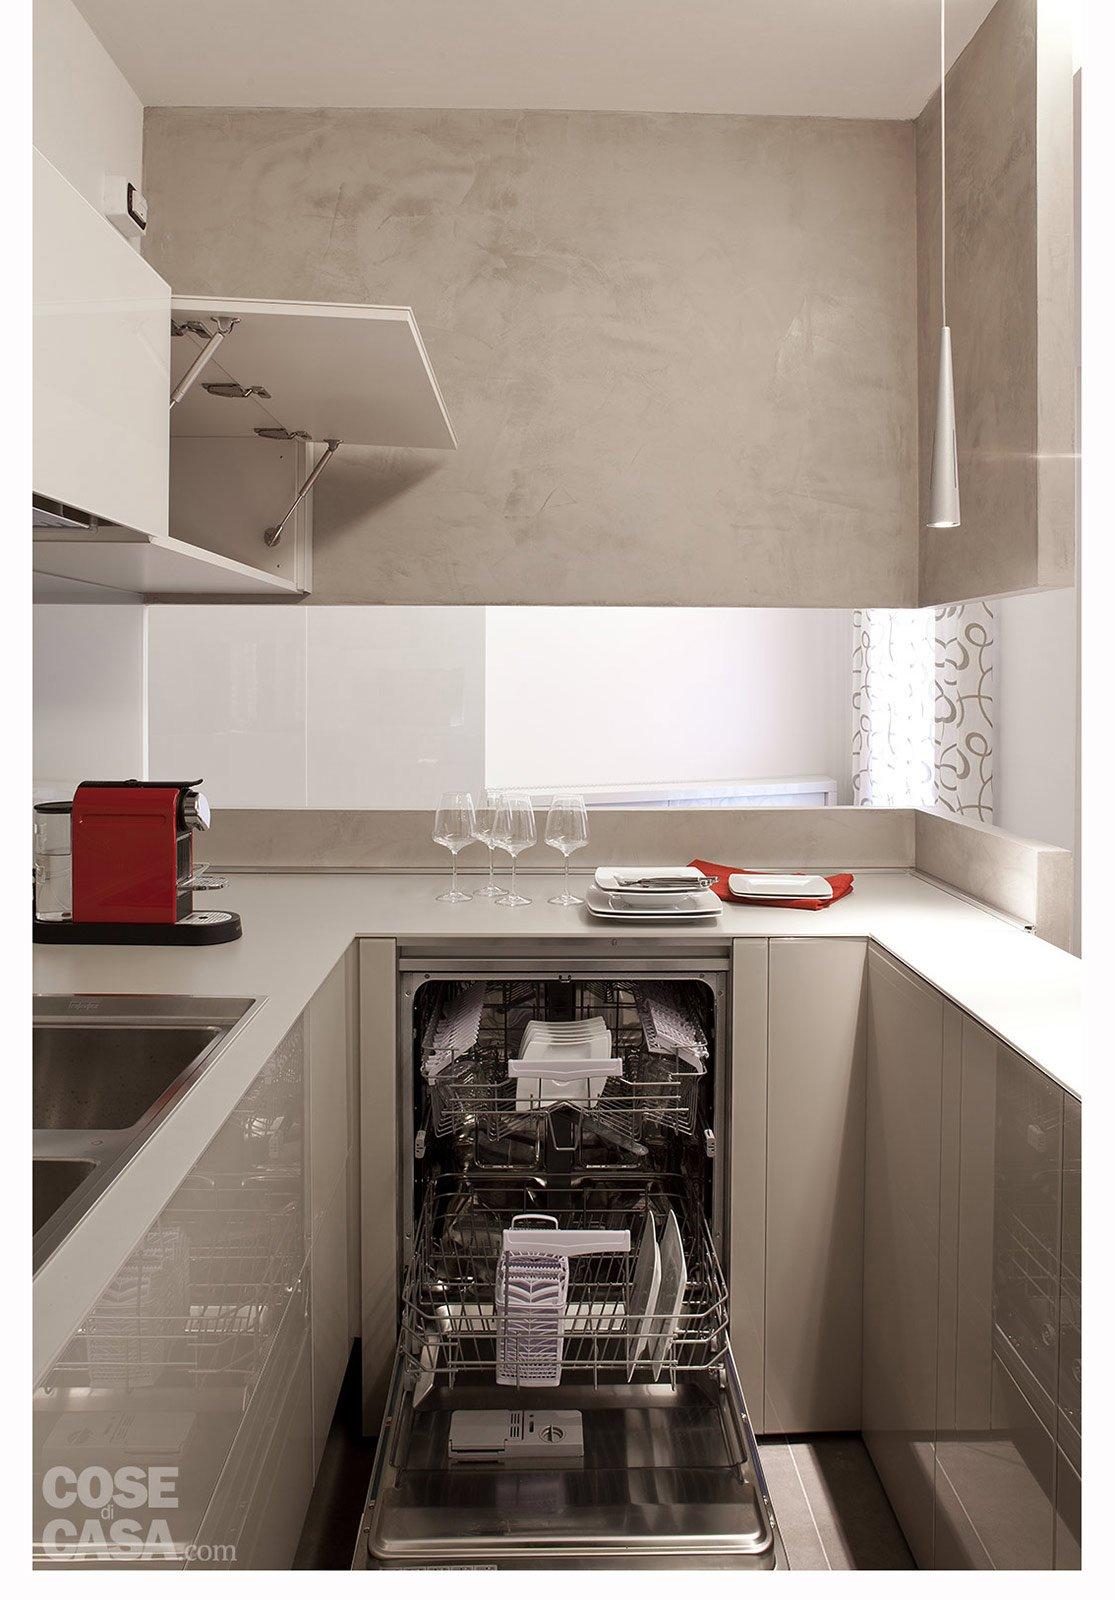 85 mq una casa per una famiglia giovane cose di casa for Programma per arredare cucina